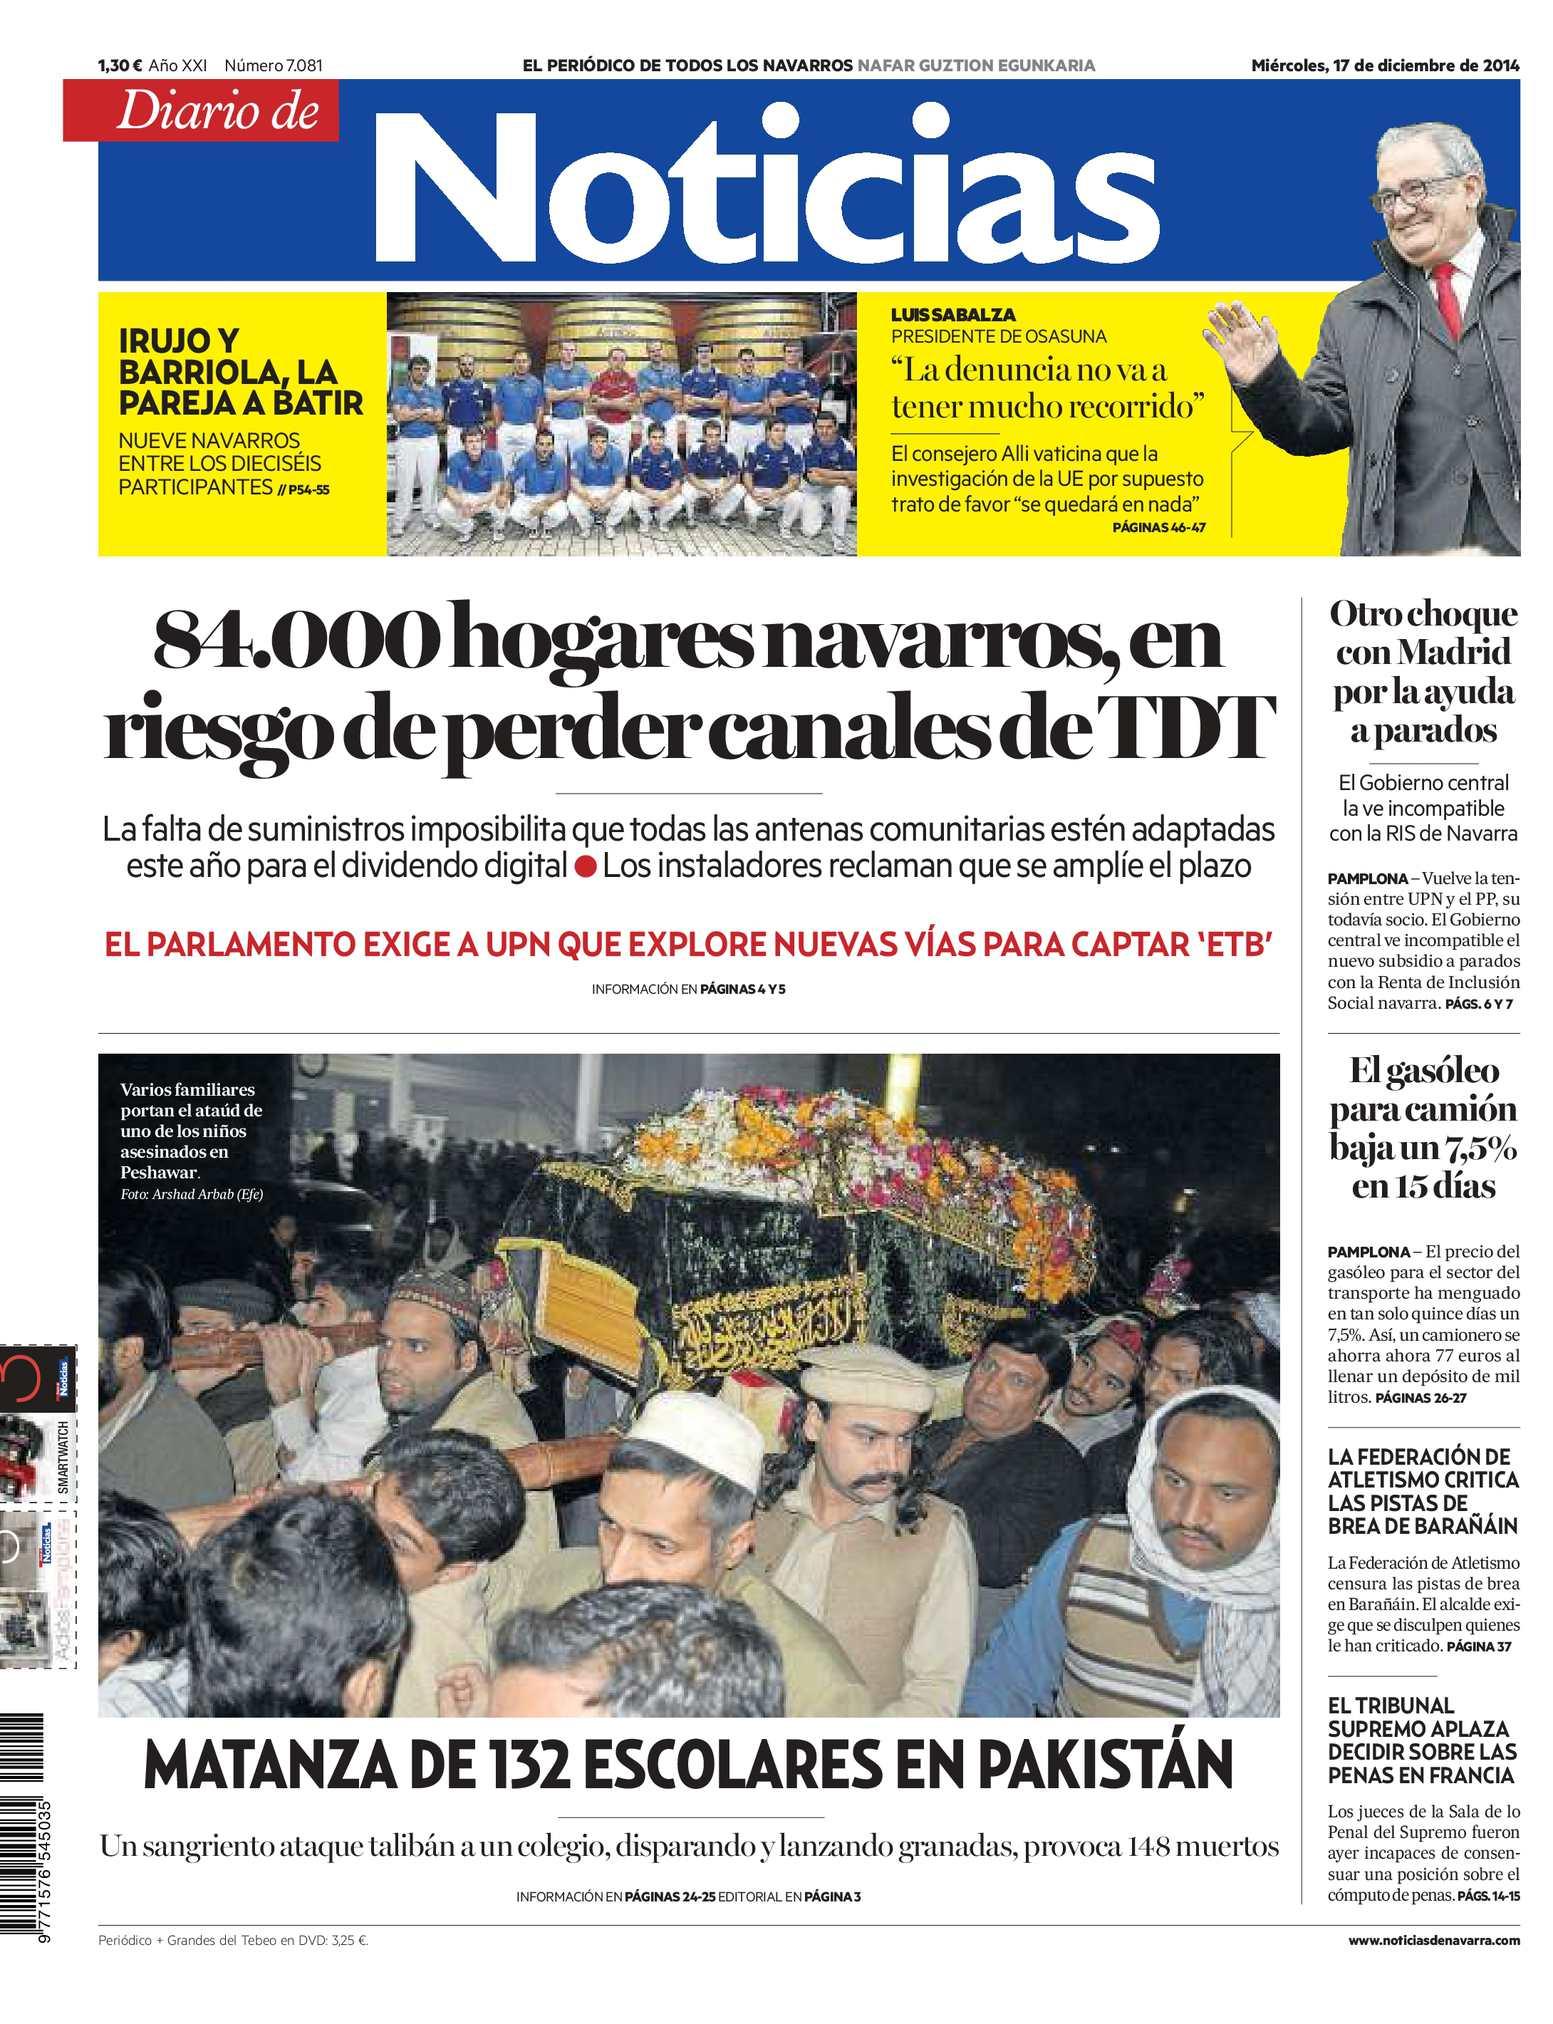 Calaméo - Diario de Noticias 20141217